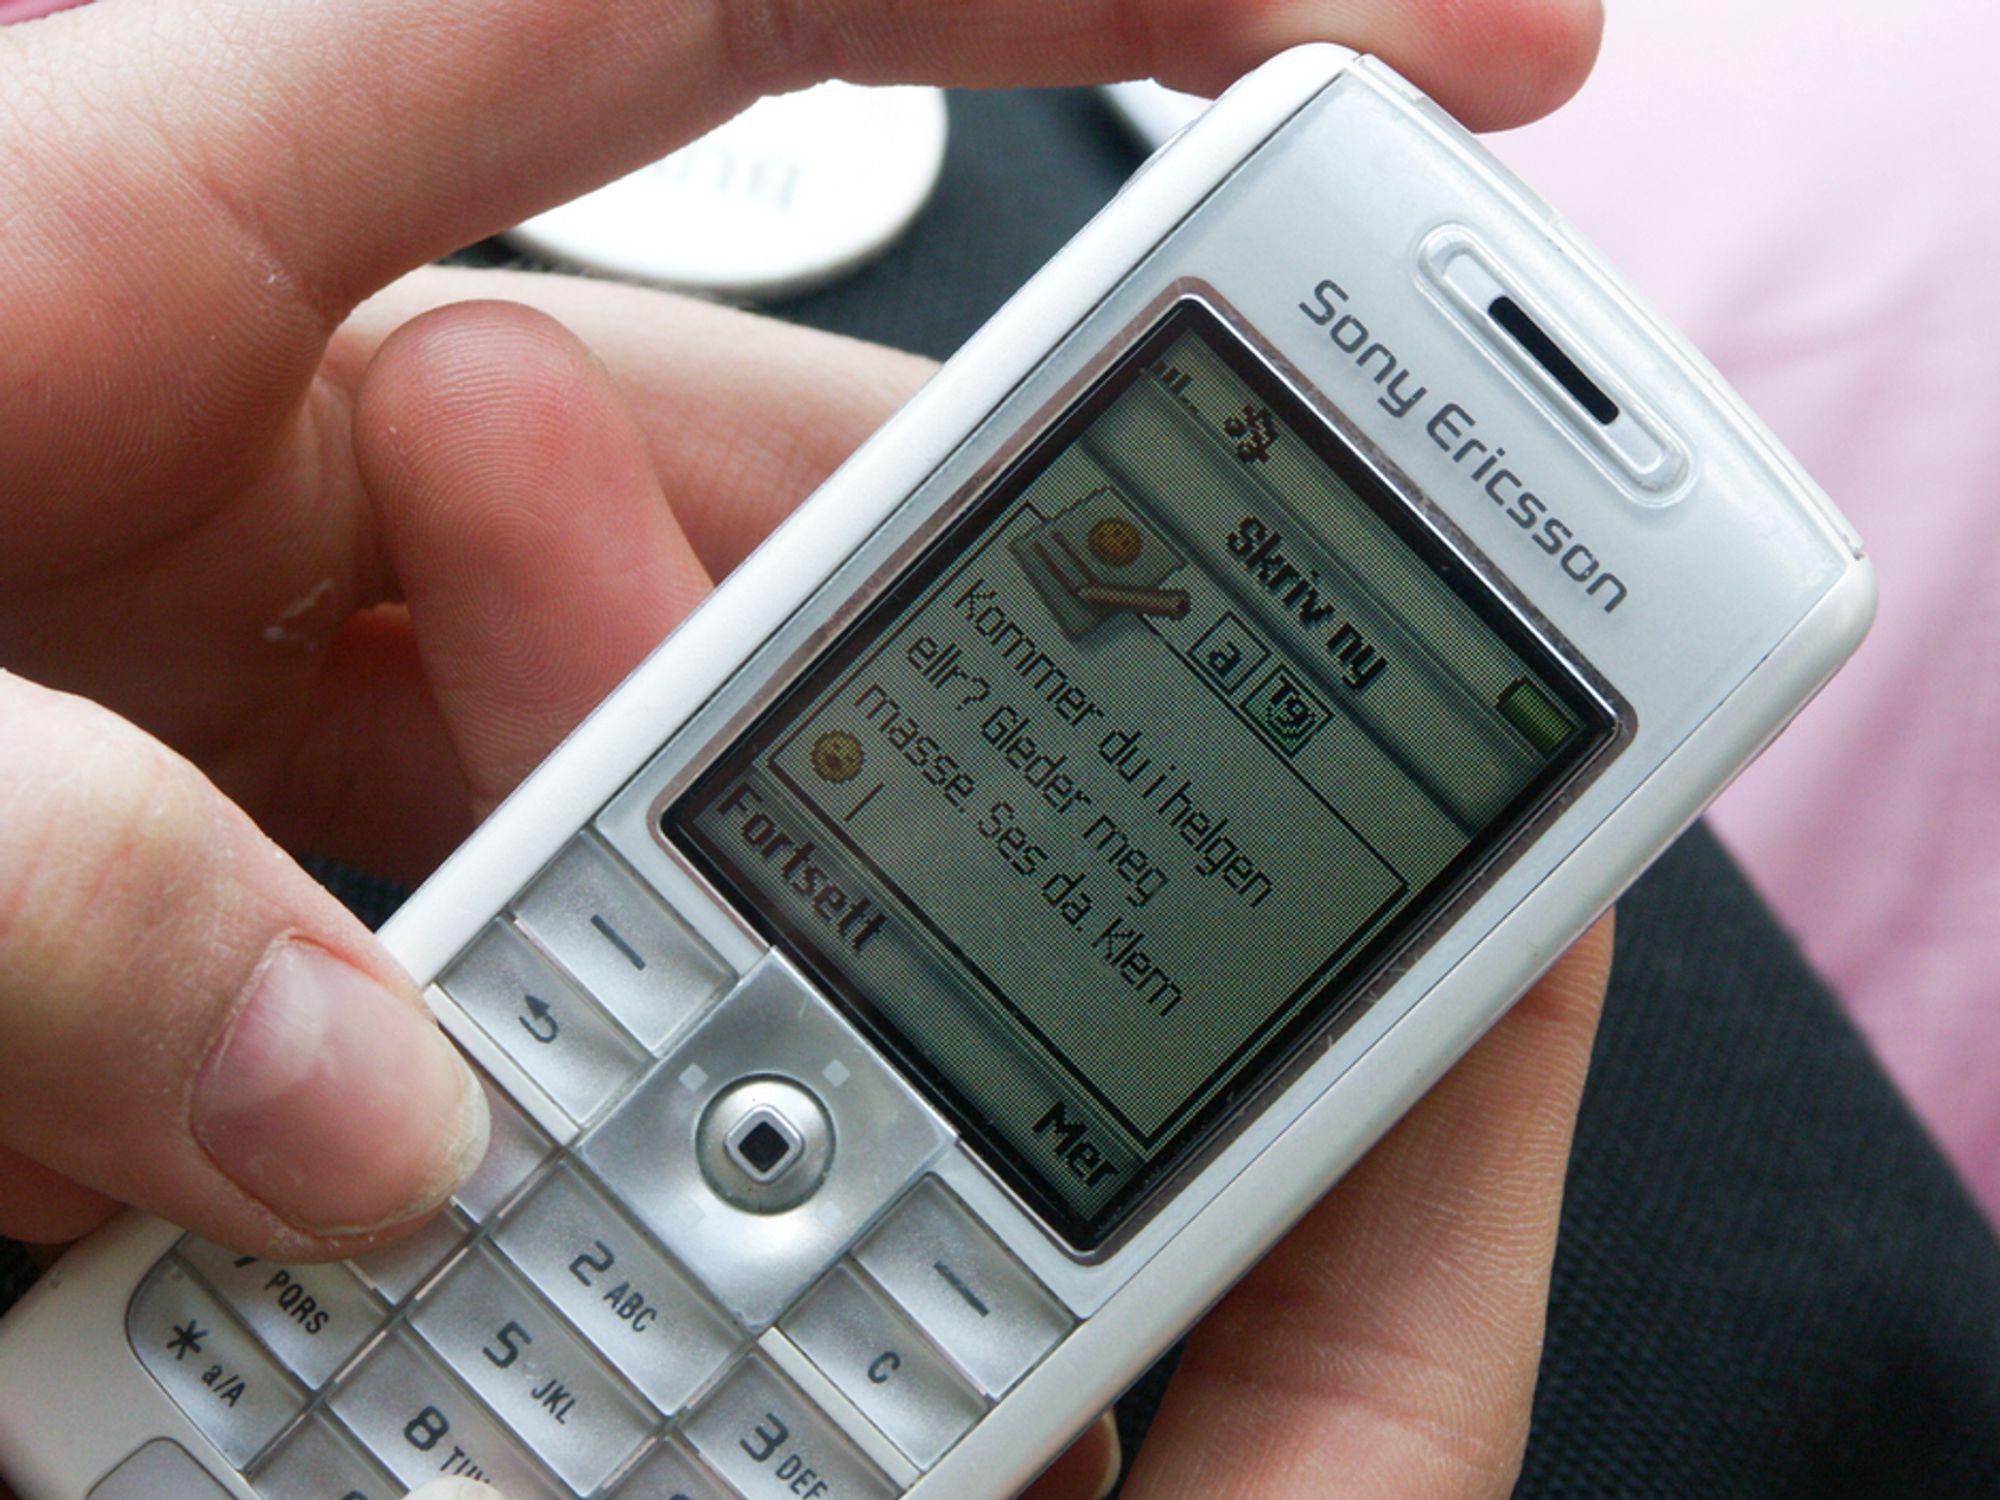 Mange foretrekker å flørte via SMS, ifølge en Netcom-undersøkelse.